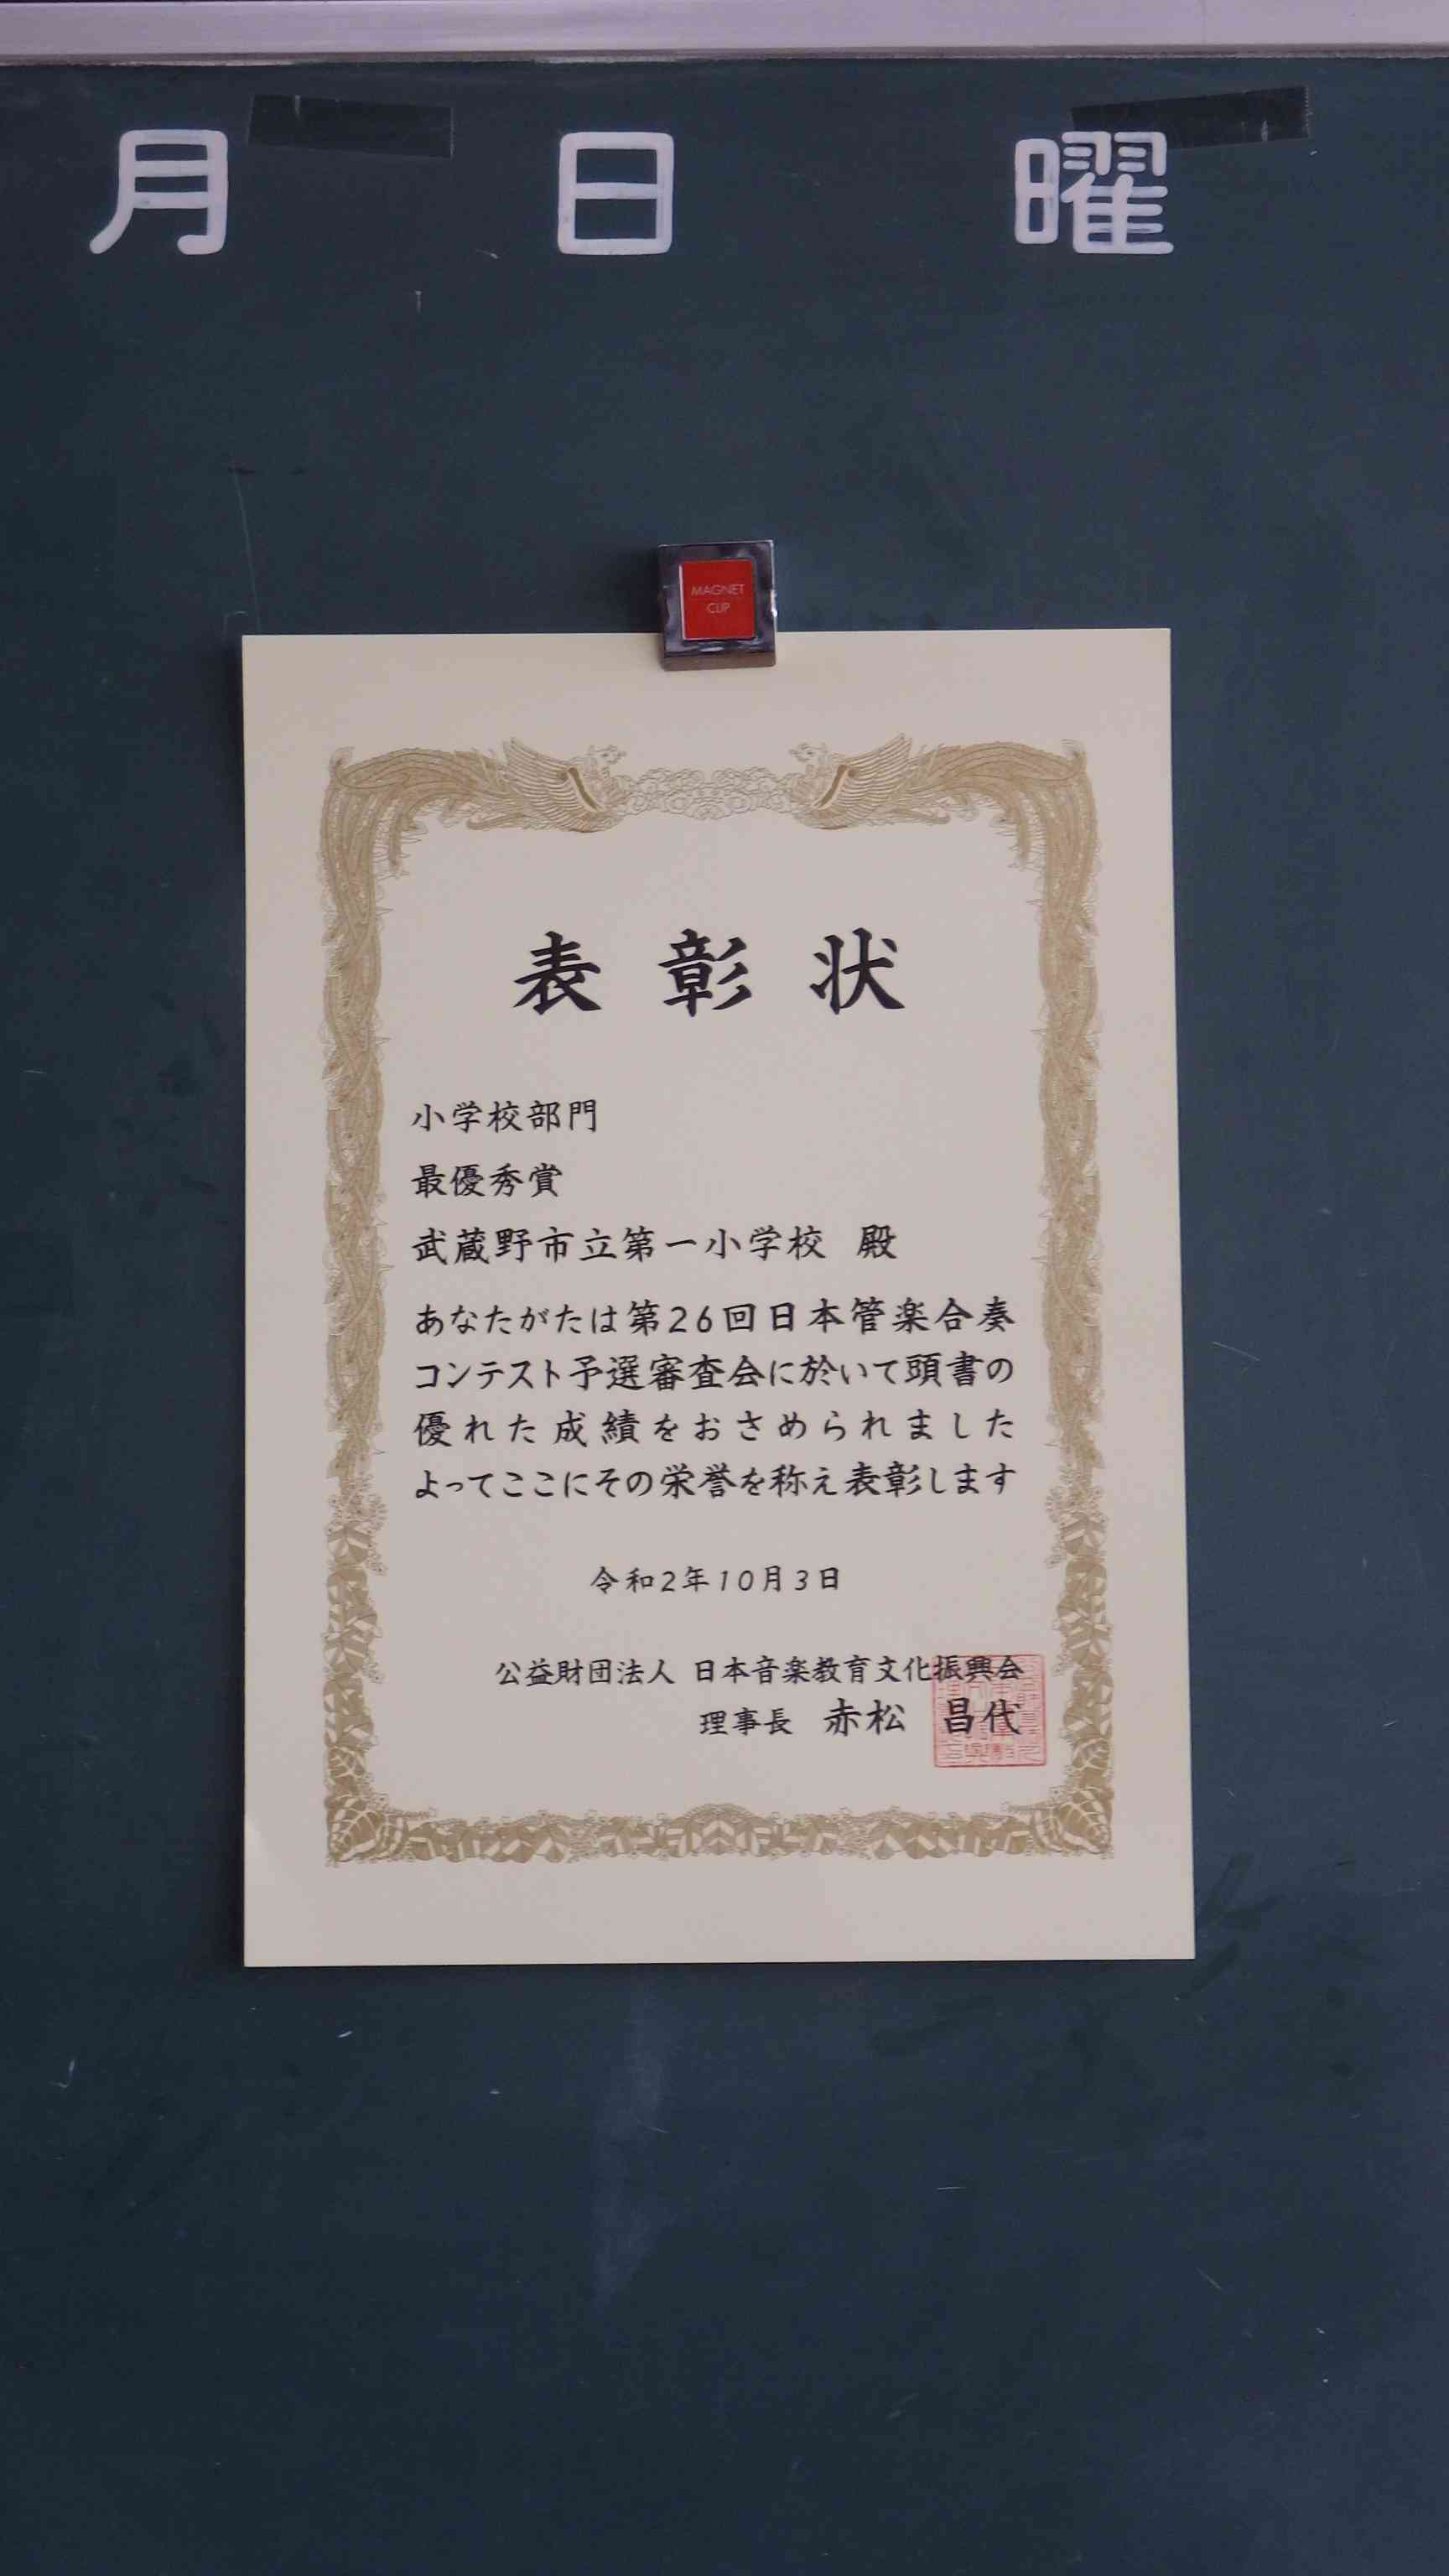 合奏 日本 2020 学 結果 コンテスト 管